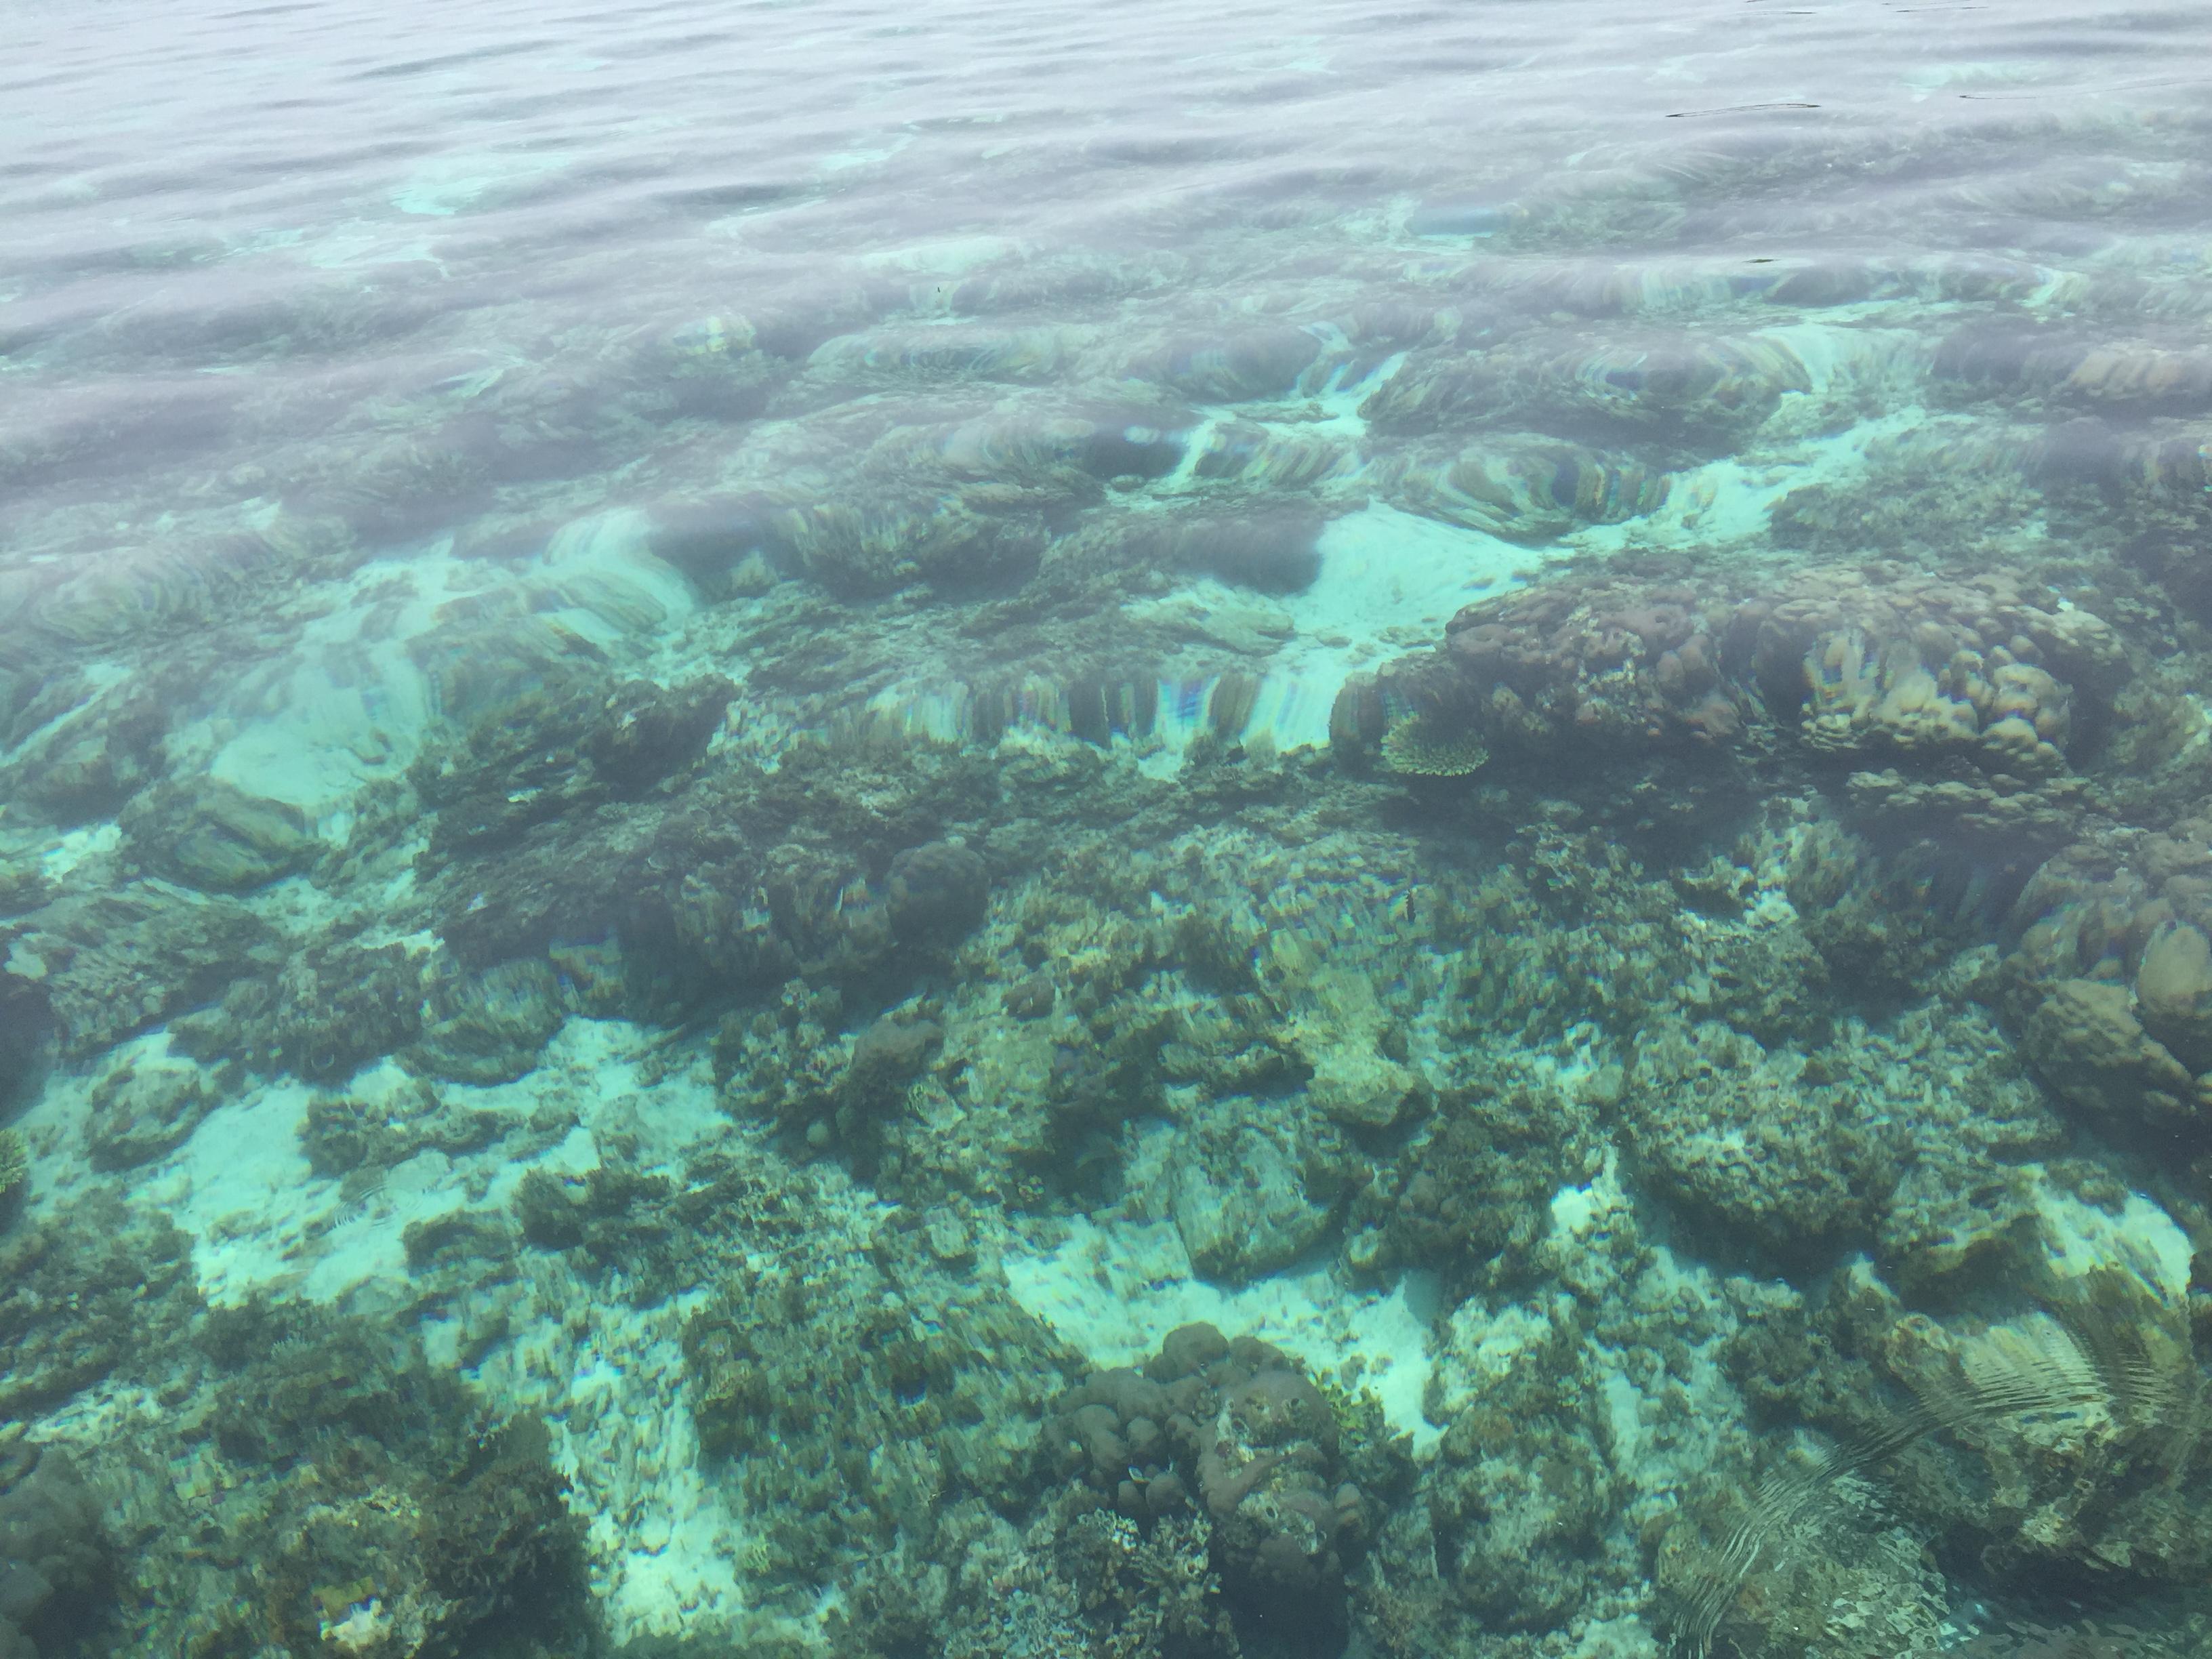 Hamparan karang di perairan jernih Sagori